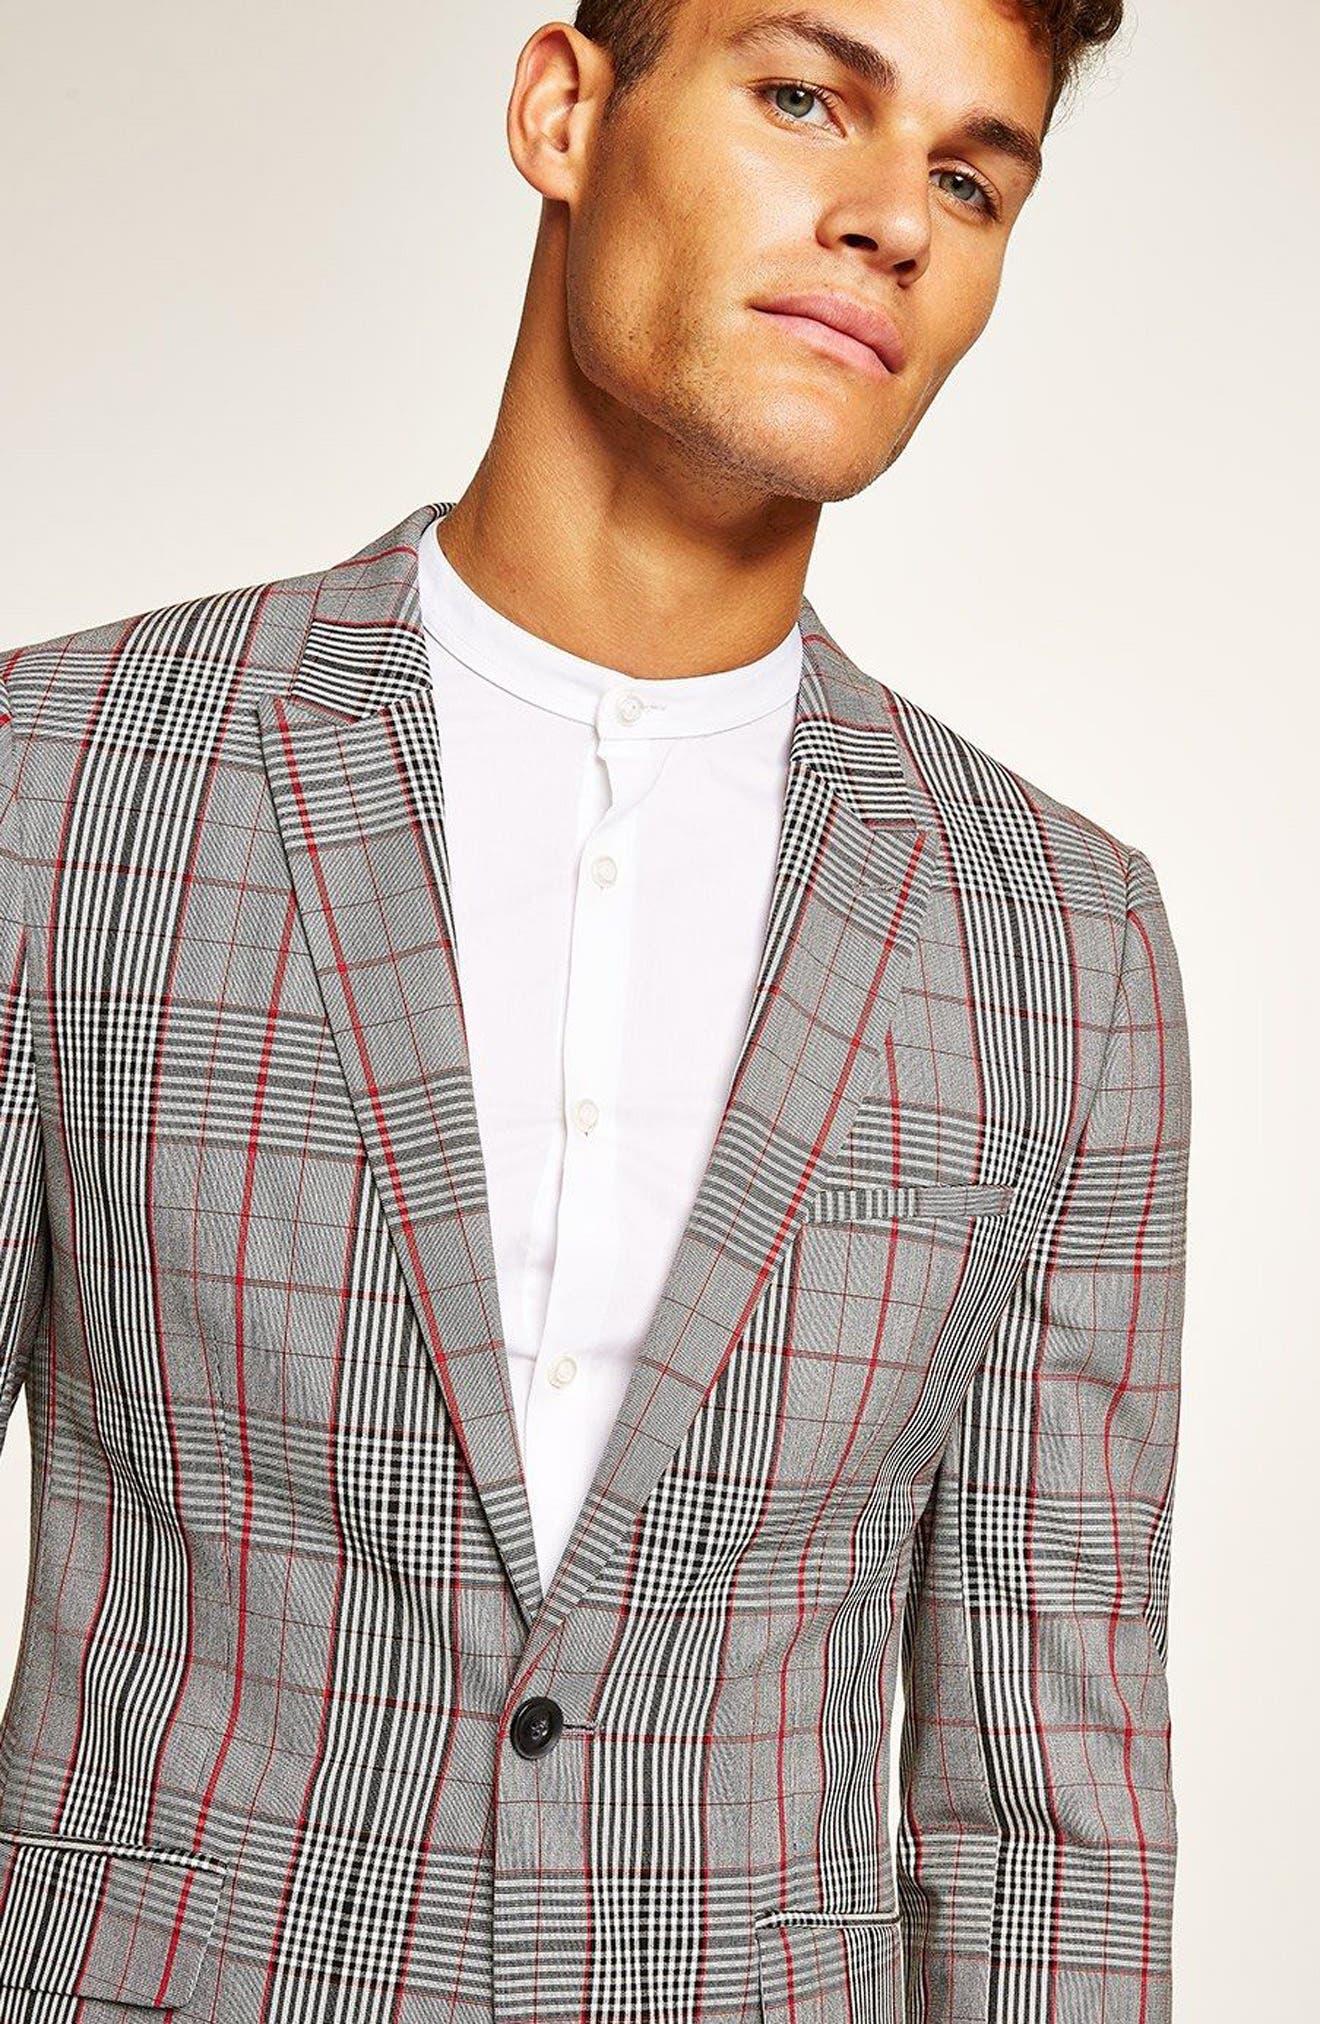 TOPMAN, Muscle Fit Check Suit Jacket, Alternate thumbnail 4, color, 020